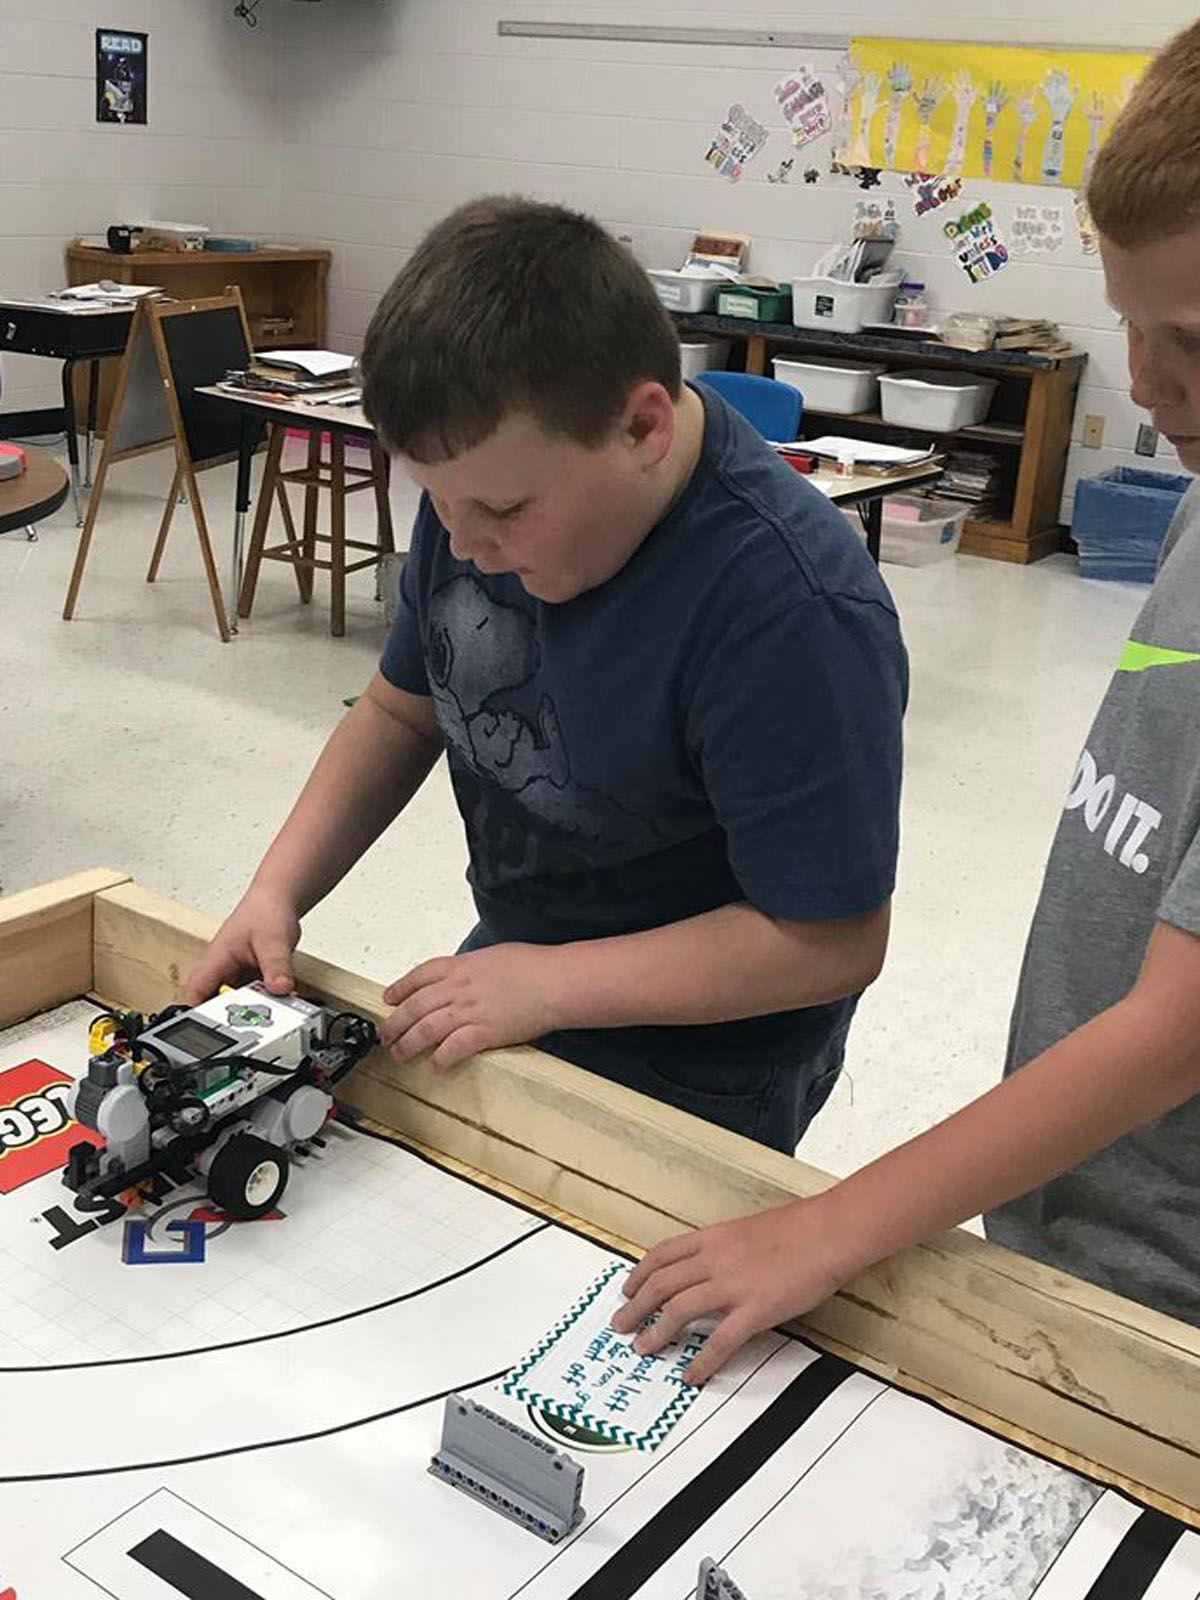 RoboMcDowell: Local robotics teams compete on Saturday